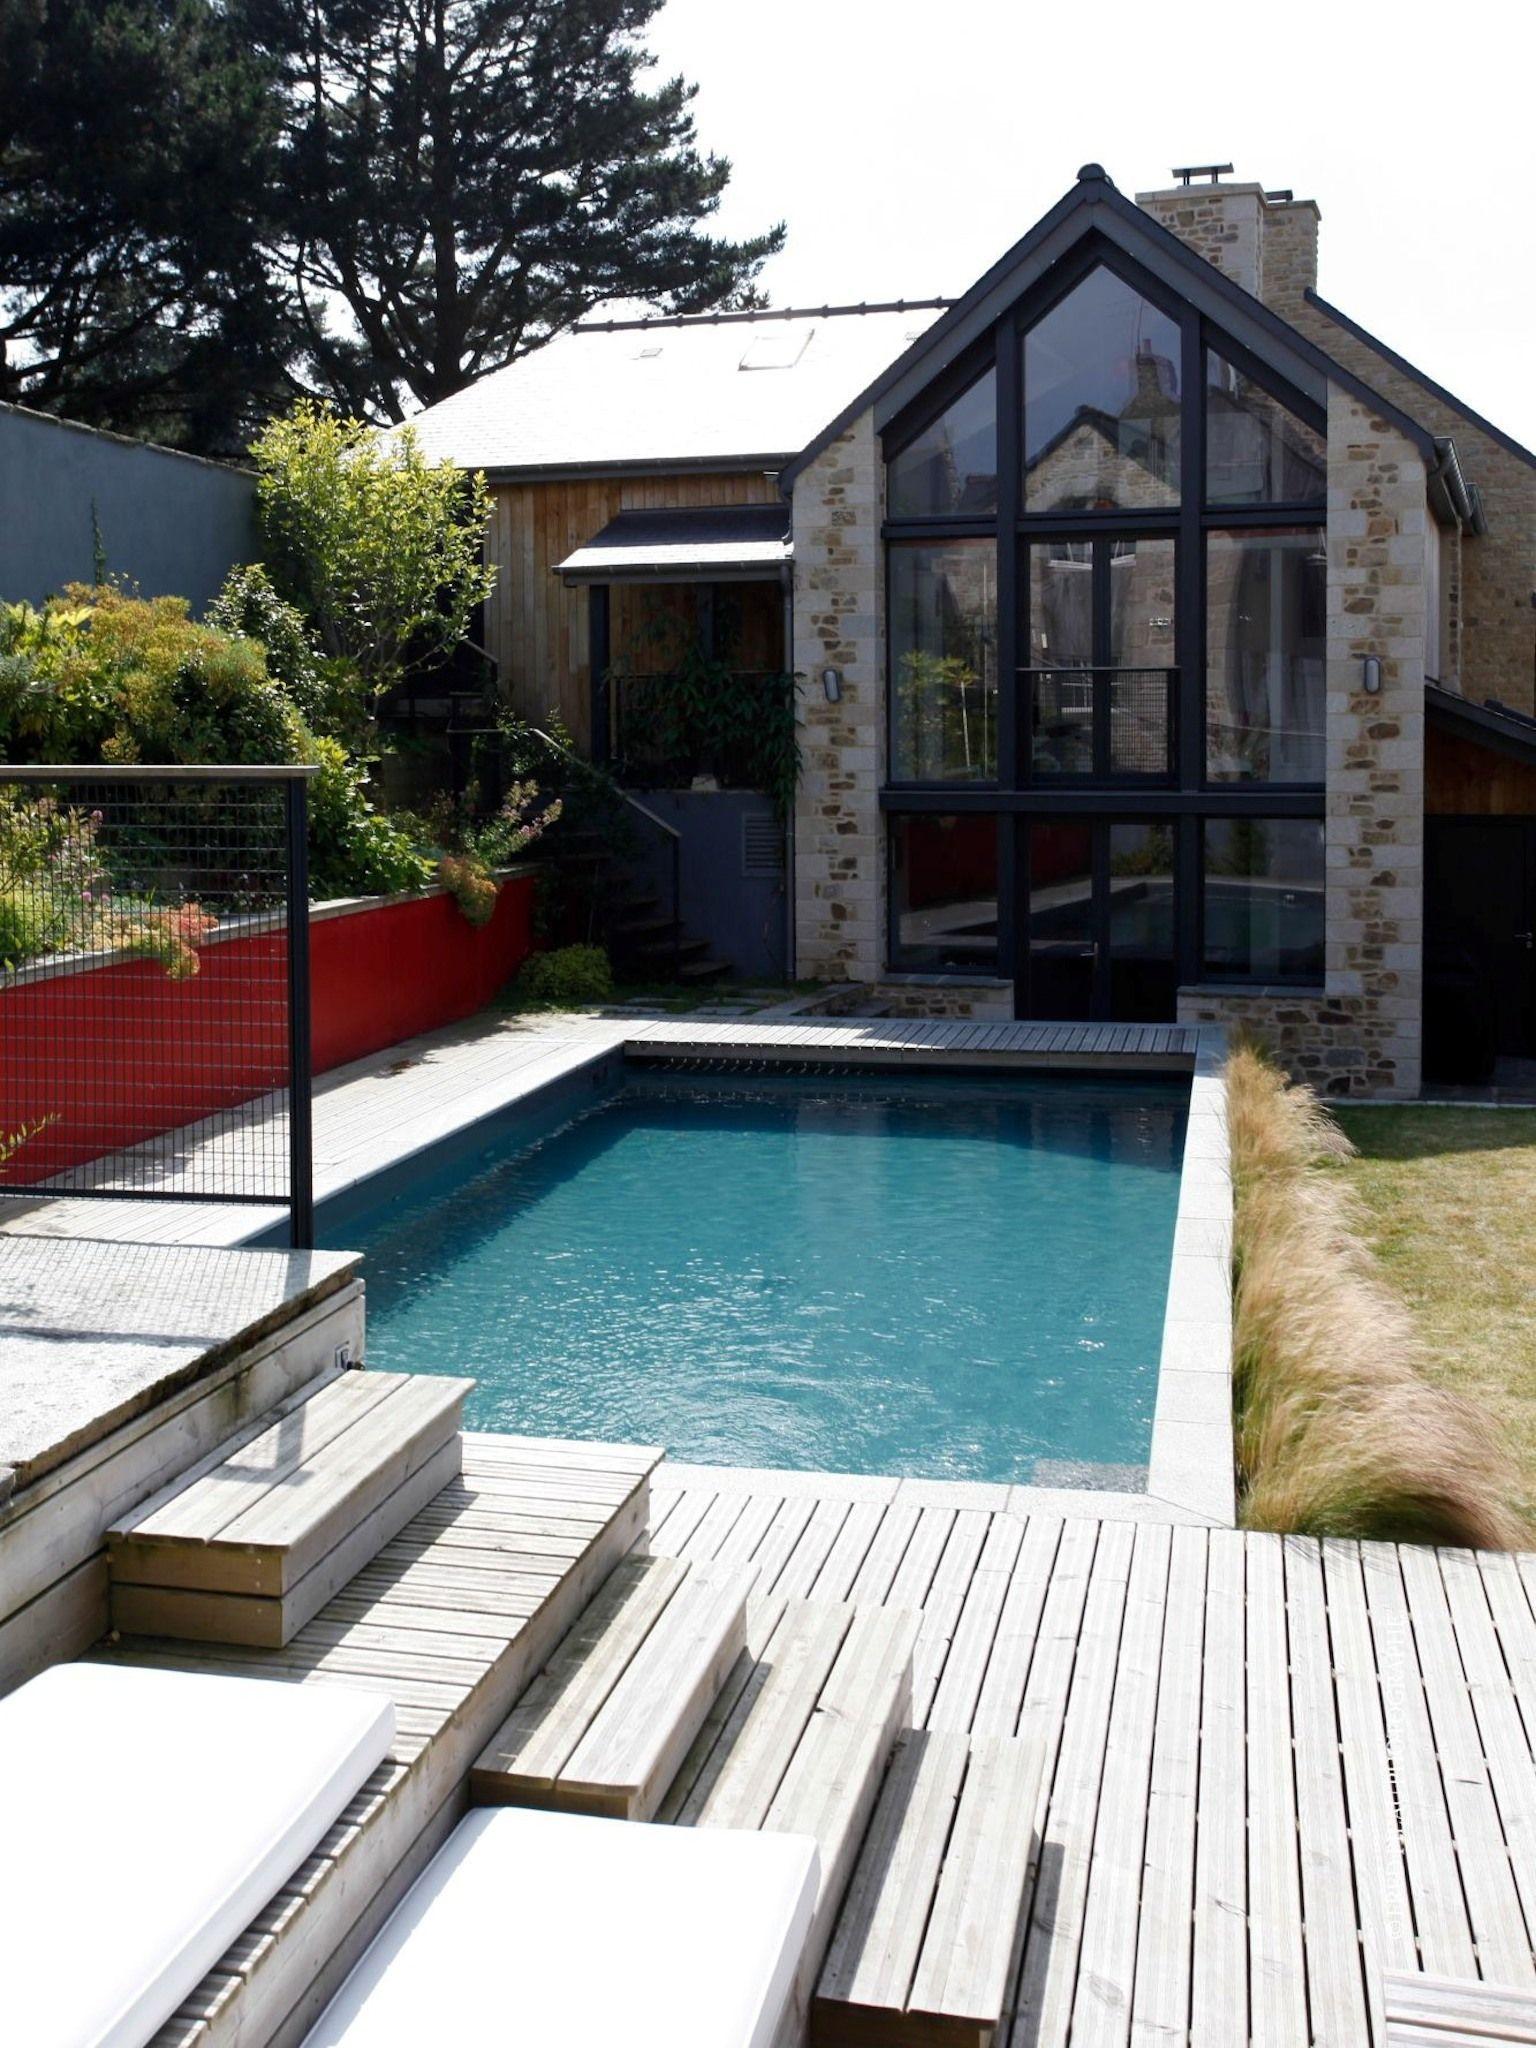 L esprit familial par l esprit piscine 9 x 4 m Revªtement gris